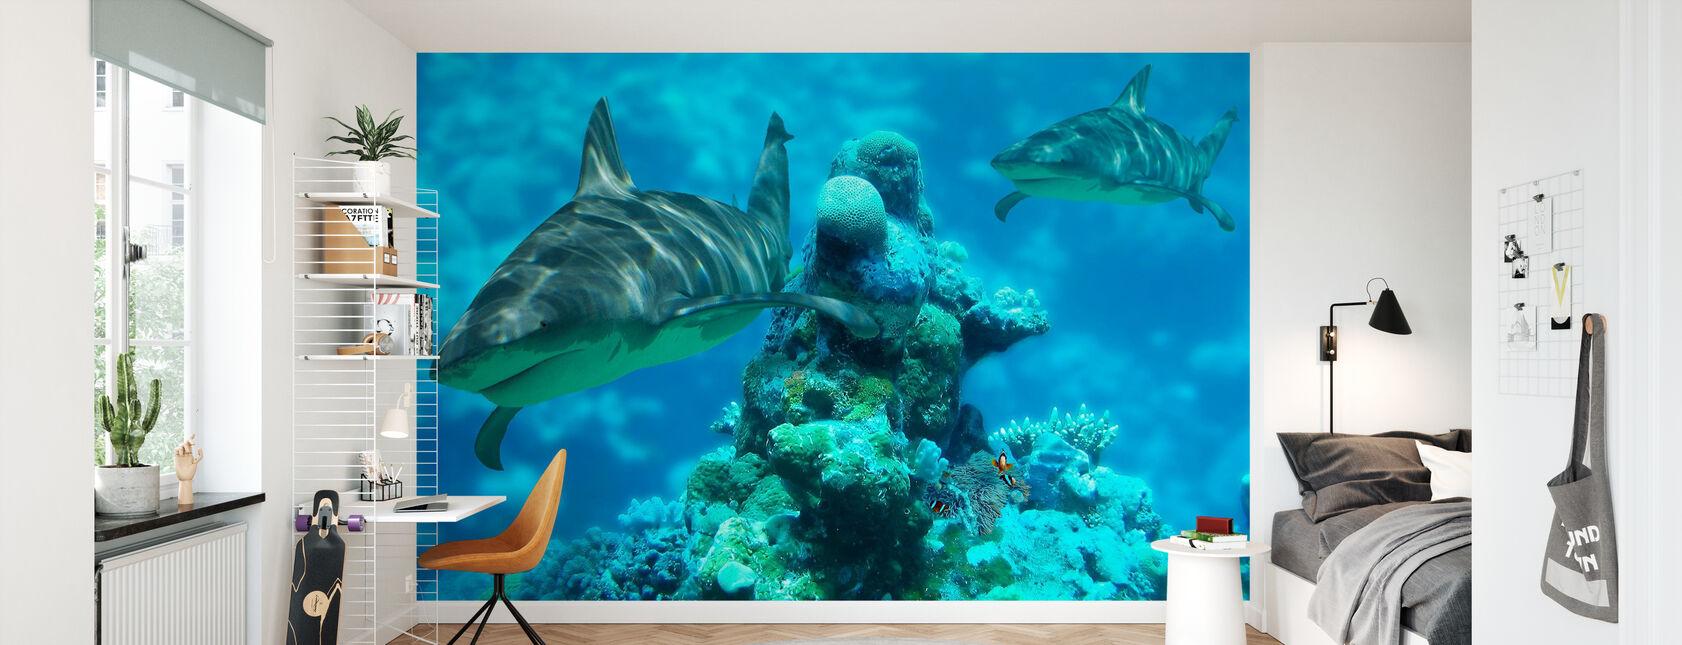 Shark Bommie - Wallpaper - Kids Room